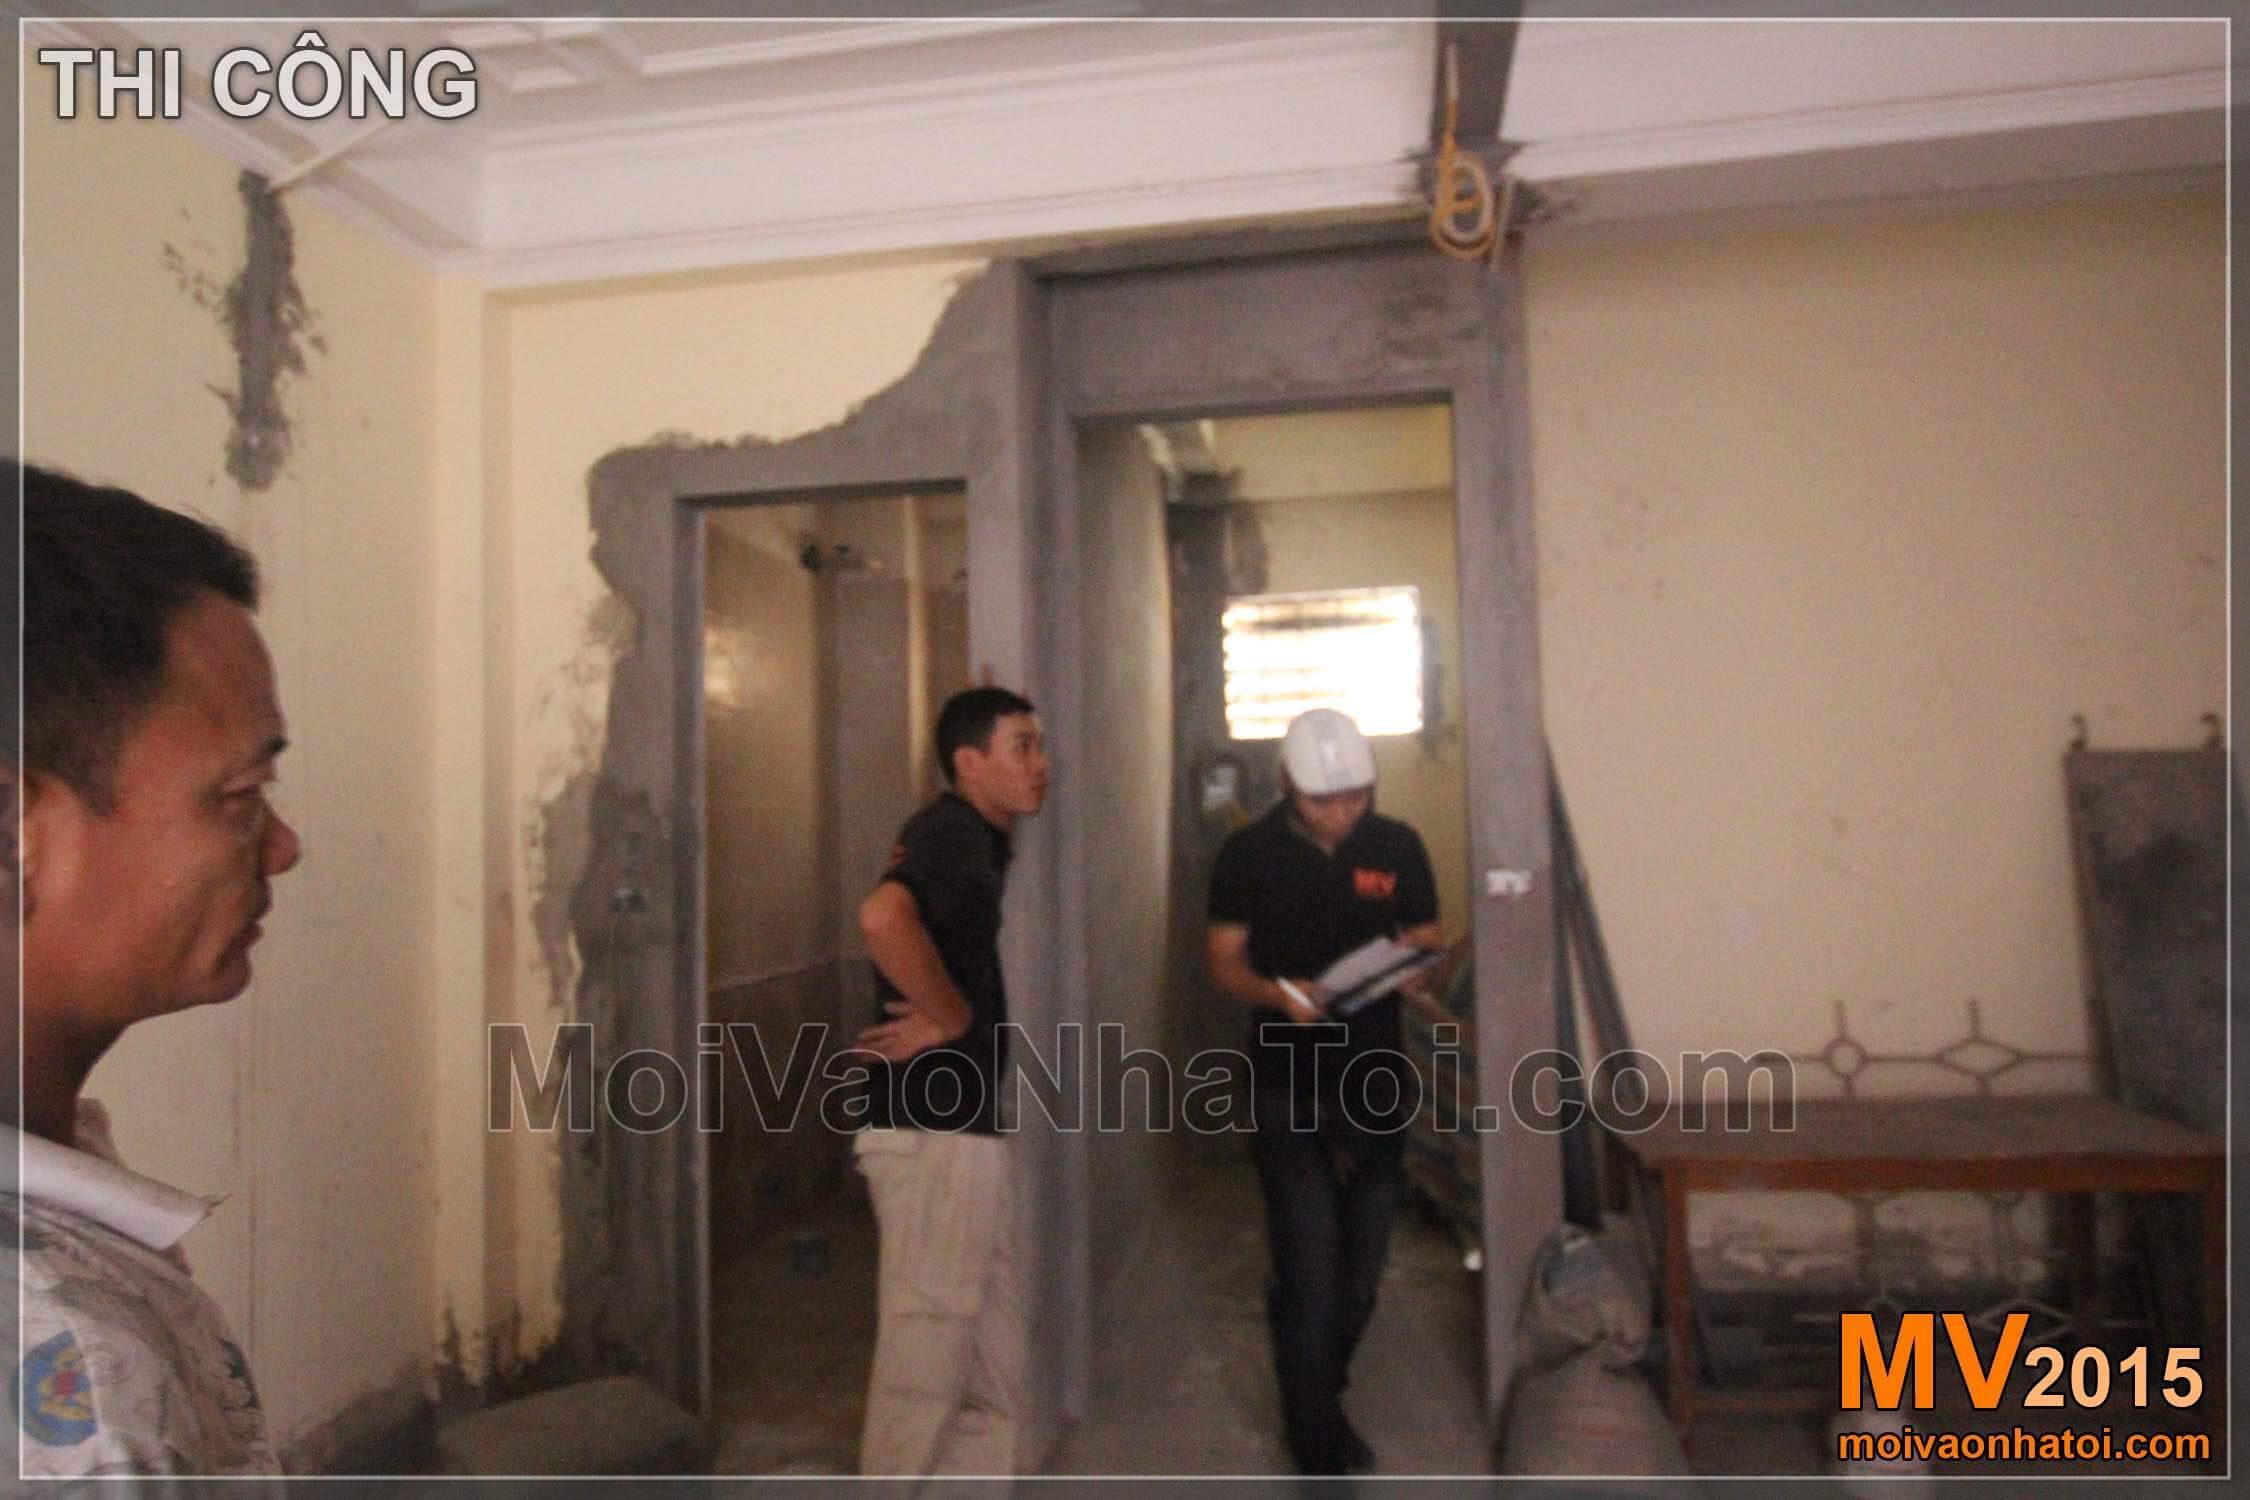 Trổ lại hướng cửa phòng WC để được không gian khép kín